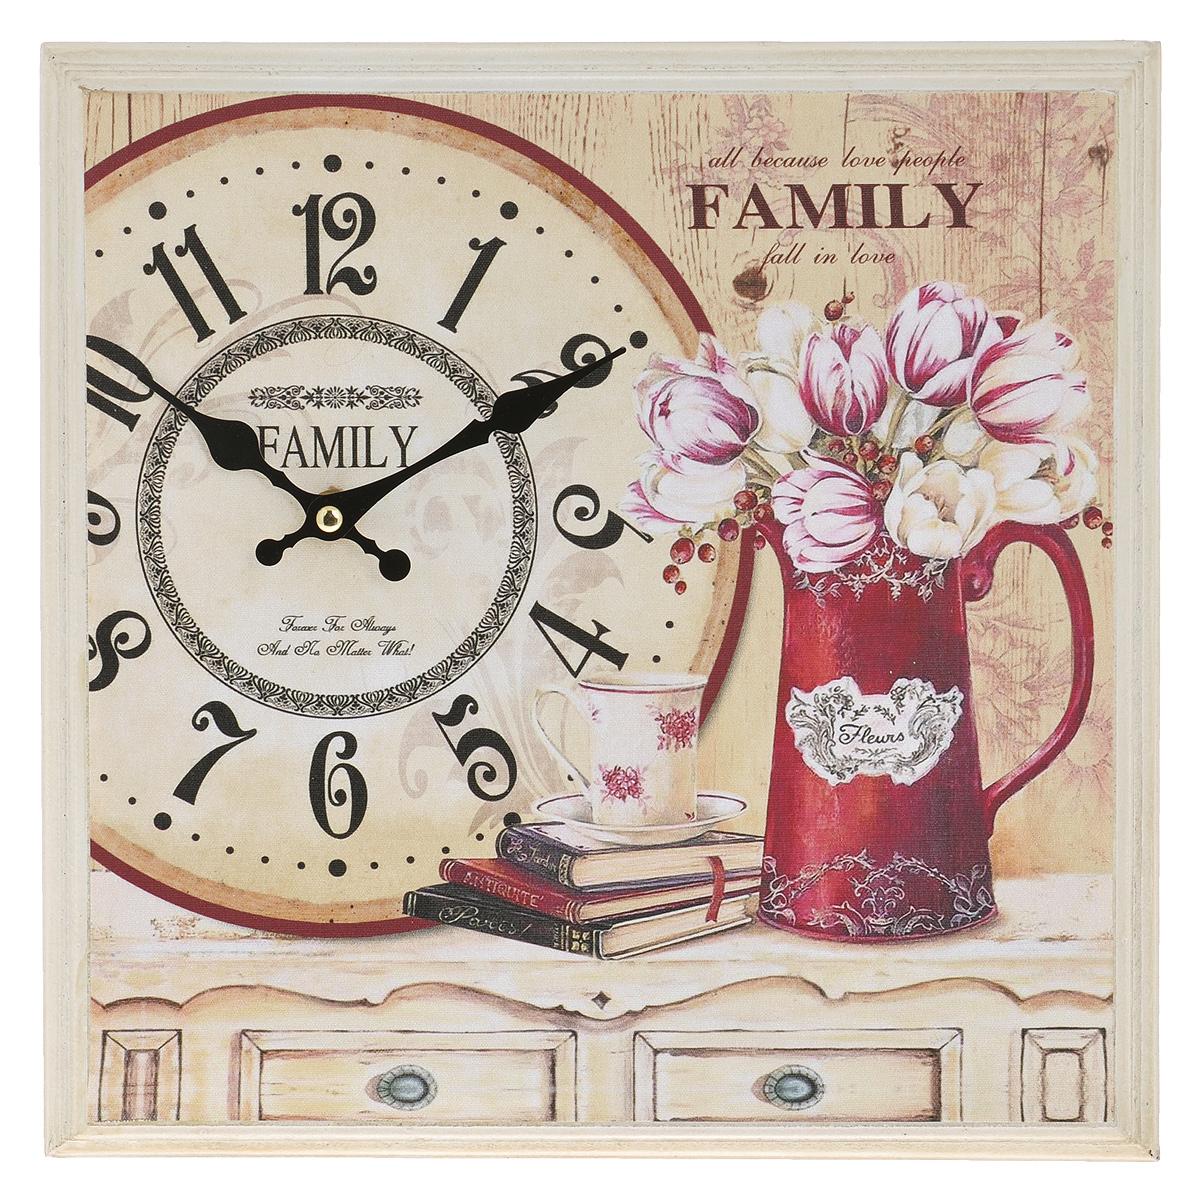 Часы настенные Family, кварцевые. 3038330383Настенные кварцевые часы Family изящно украсят интерьер дома или офиса. Корпус часов, выполненный из МДФ, оформлен красочным изображением. Часы оснащены двумя фигурными стрелками - часовой и минутной. Циферблат оформлен отметками и арабскими цифрами. Часы работают от одной батарейки типа АА мощностью 1,5V (в комплект не входит). Размер корпуса (ДхШхВ): 31,5 см х 31,5 см х 4,5 см. Внимание! Уважаемые клиенты, обращаем ваше внимание на тот факт, что циферблат часов не защищен стеклом!